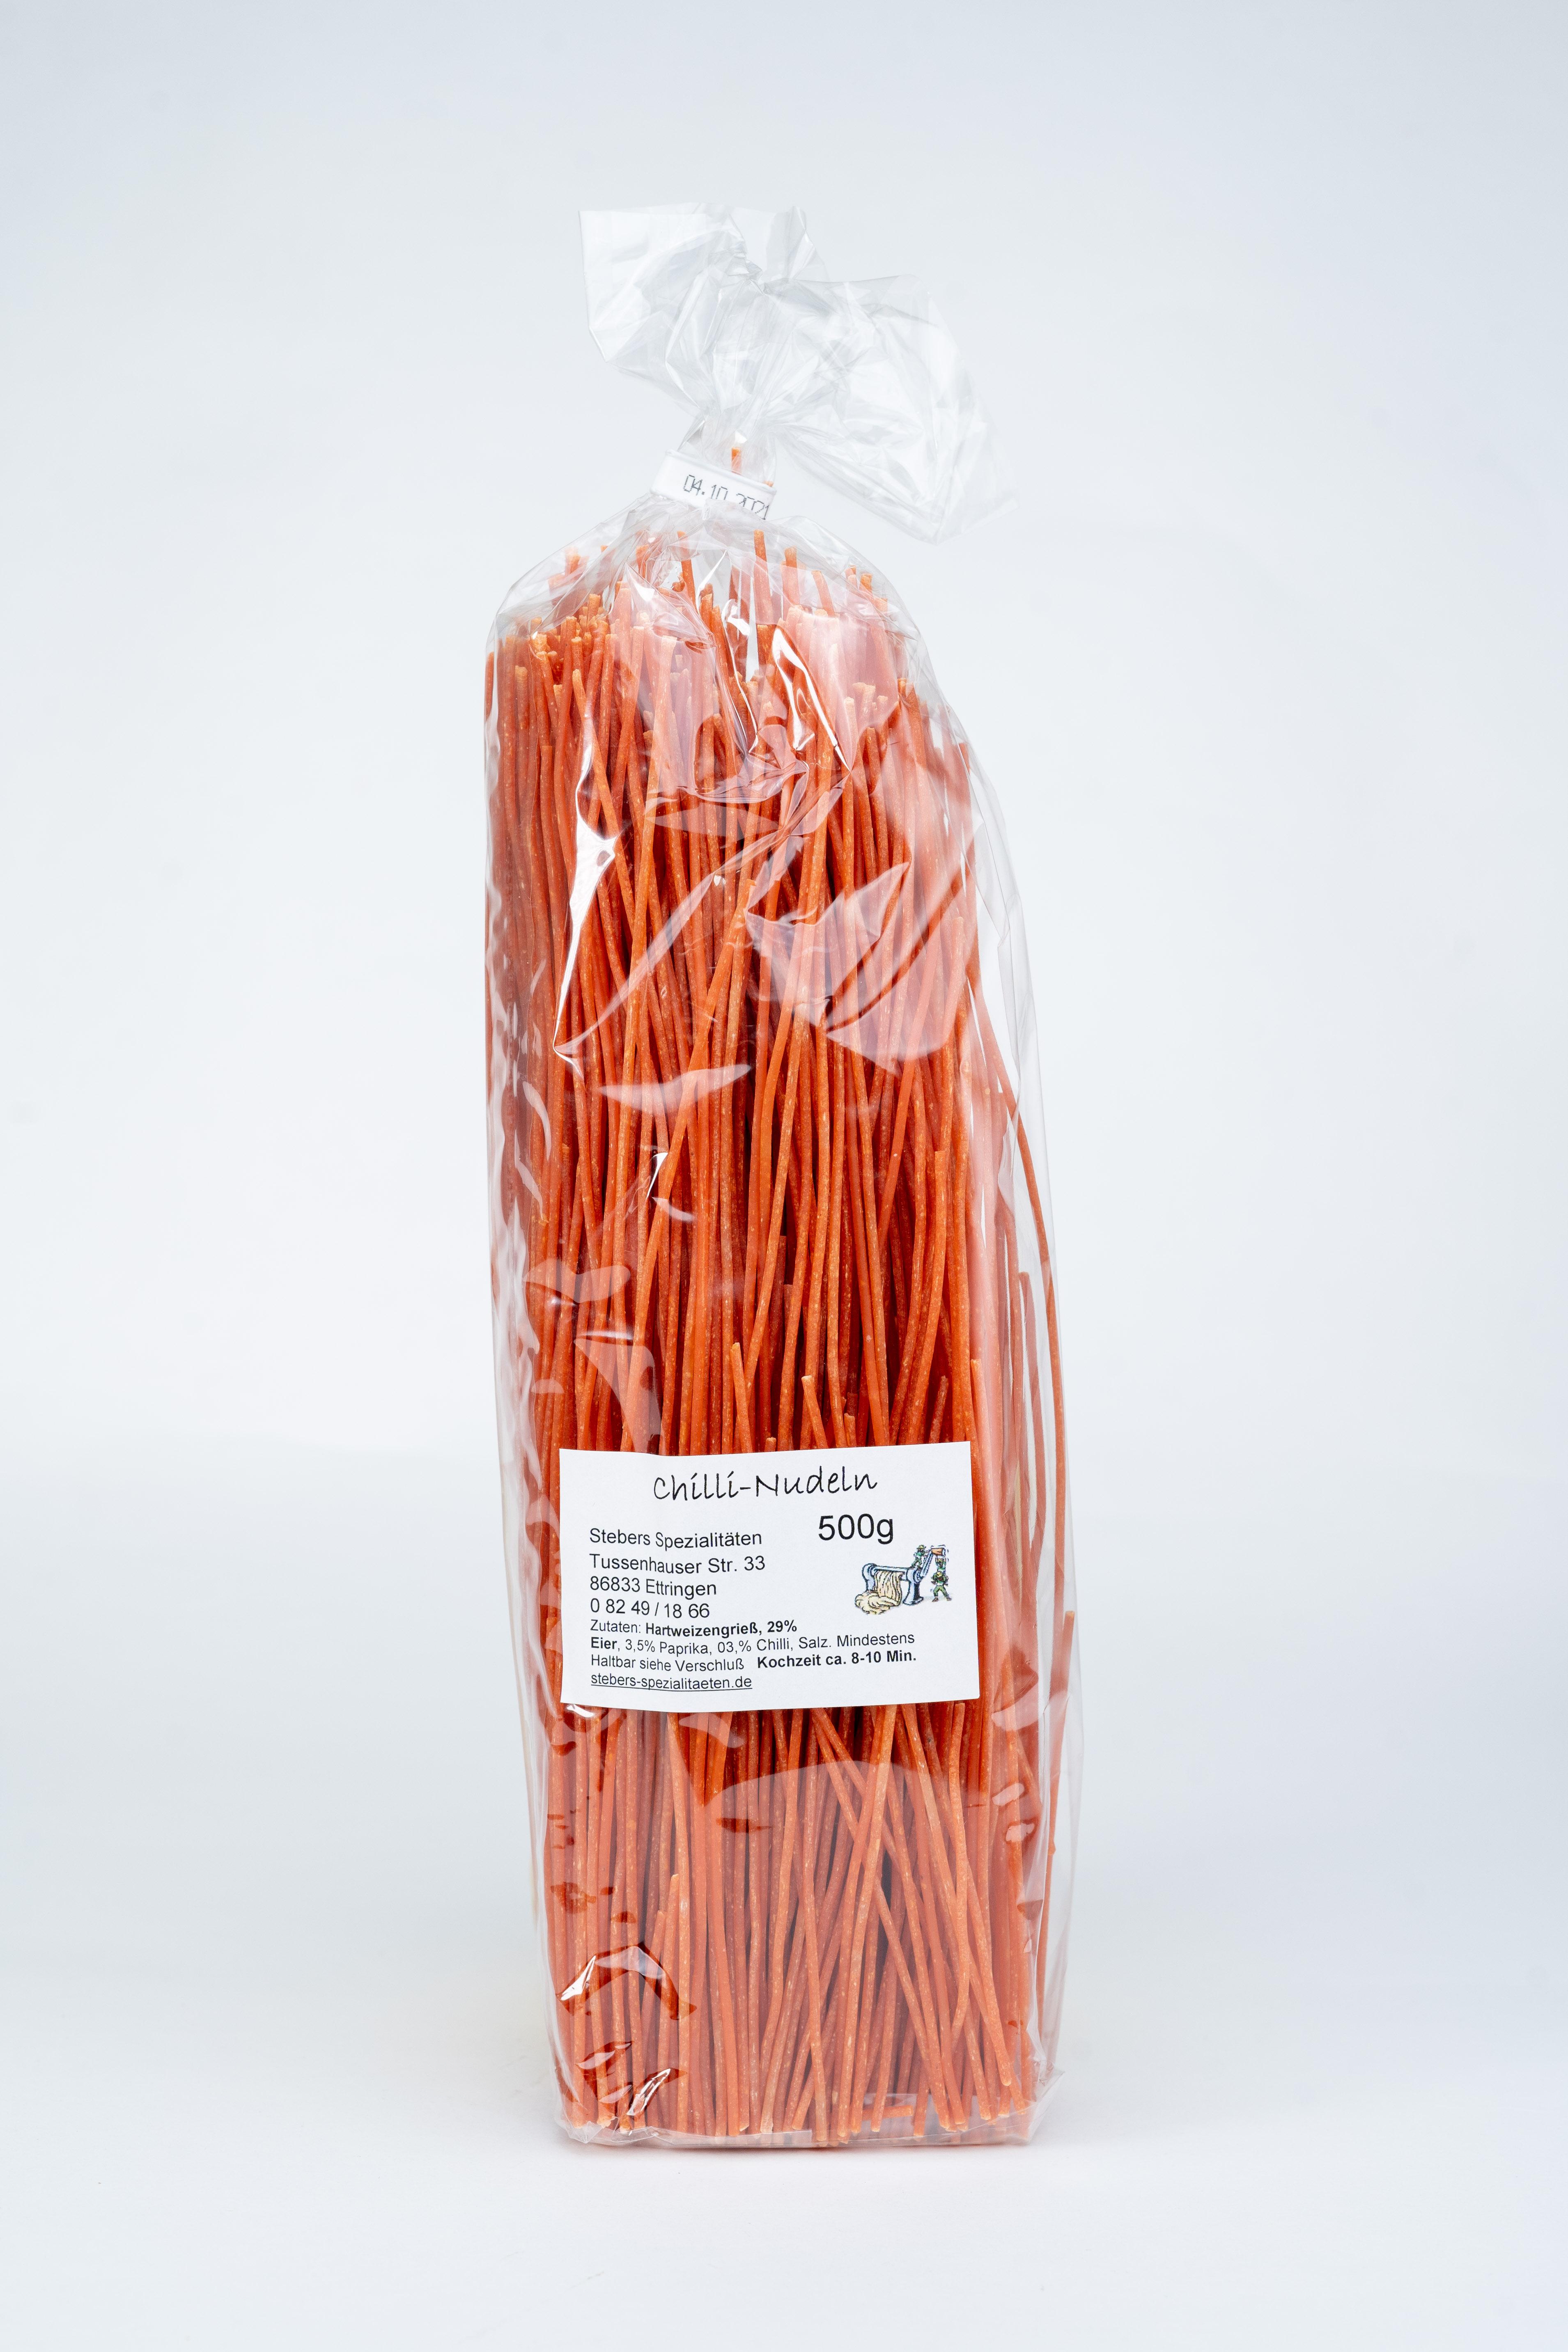 Chili-Spaghetti